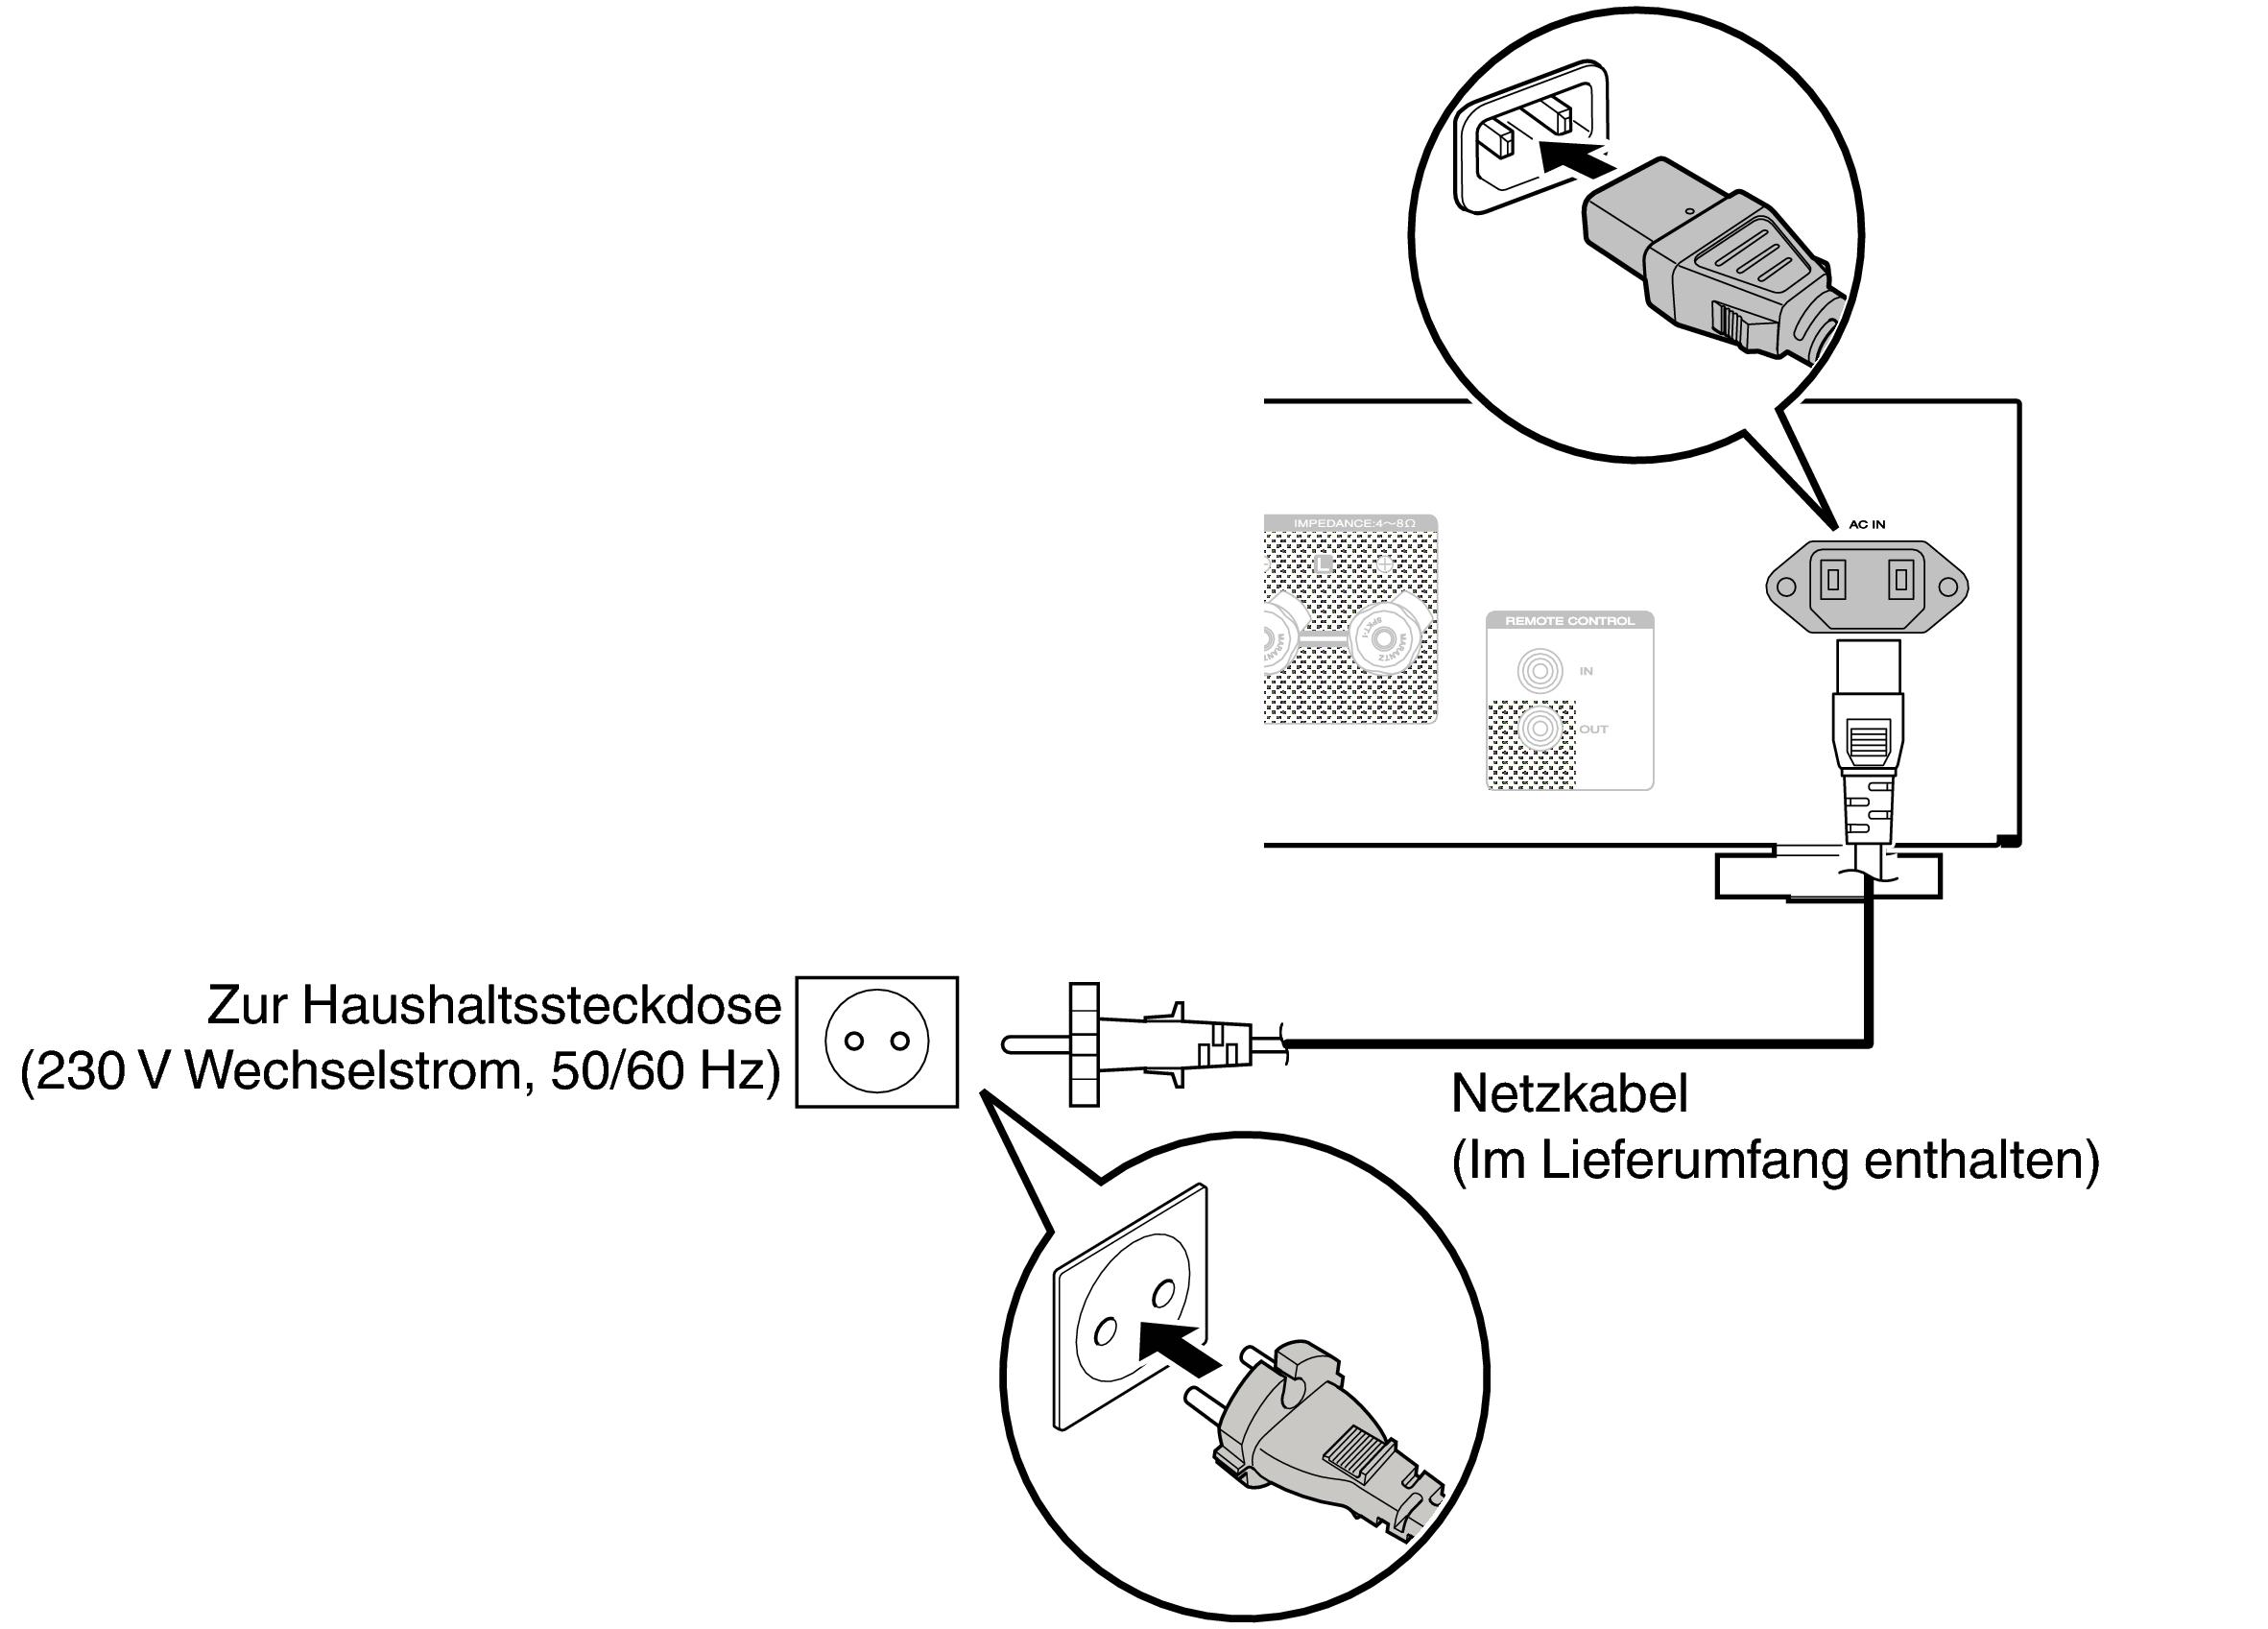 Atemberaubend Wechselstrom Anschlussverkabelung Fotos - Elektrische ...